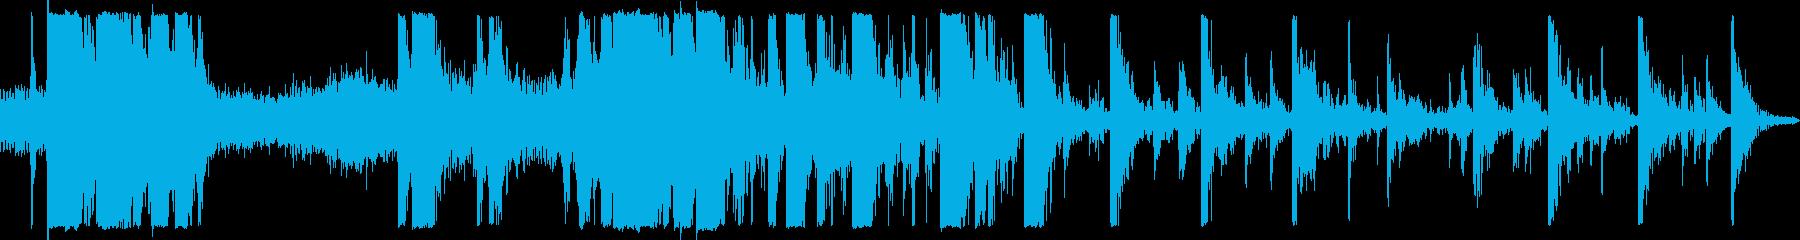 トラッカーバックホーバケットクラン...の再生済みの波形